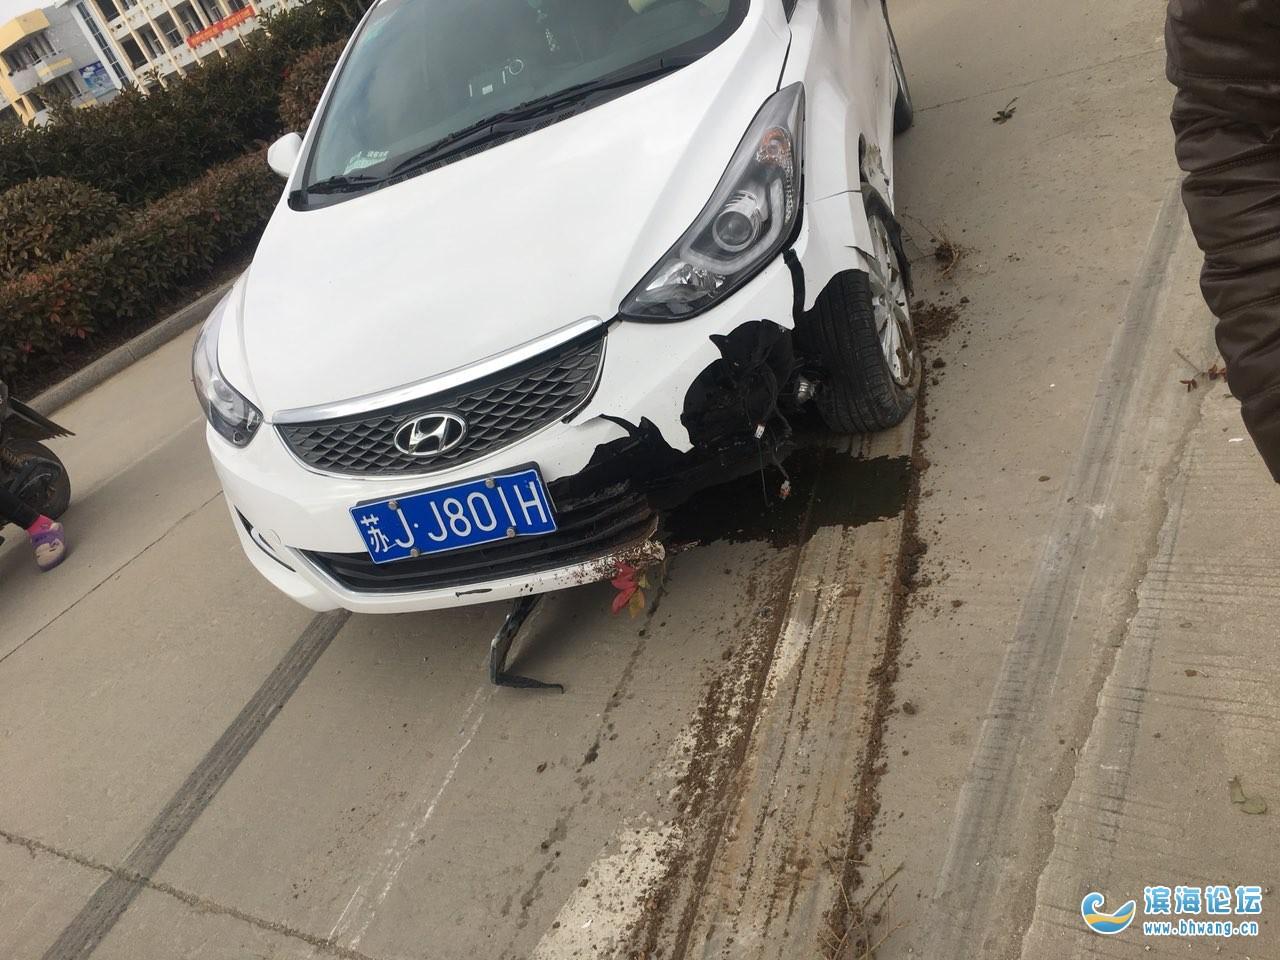 牛逼的车手,滨淮农场一辆现代车撞上绿化带